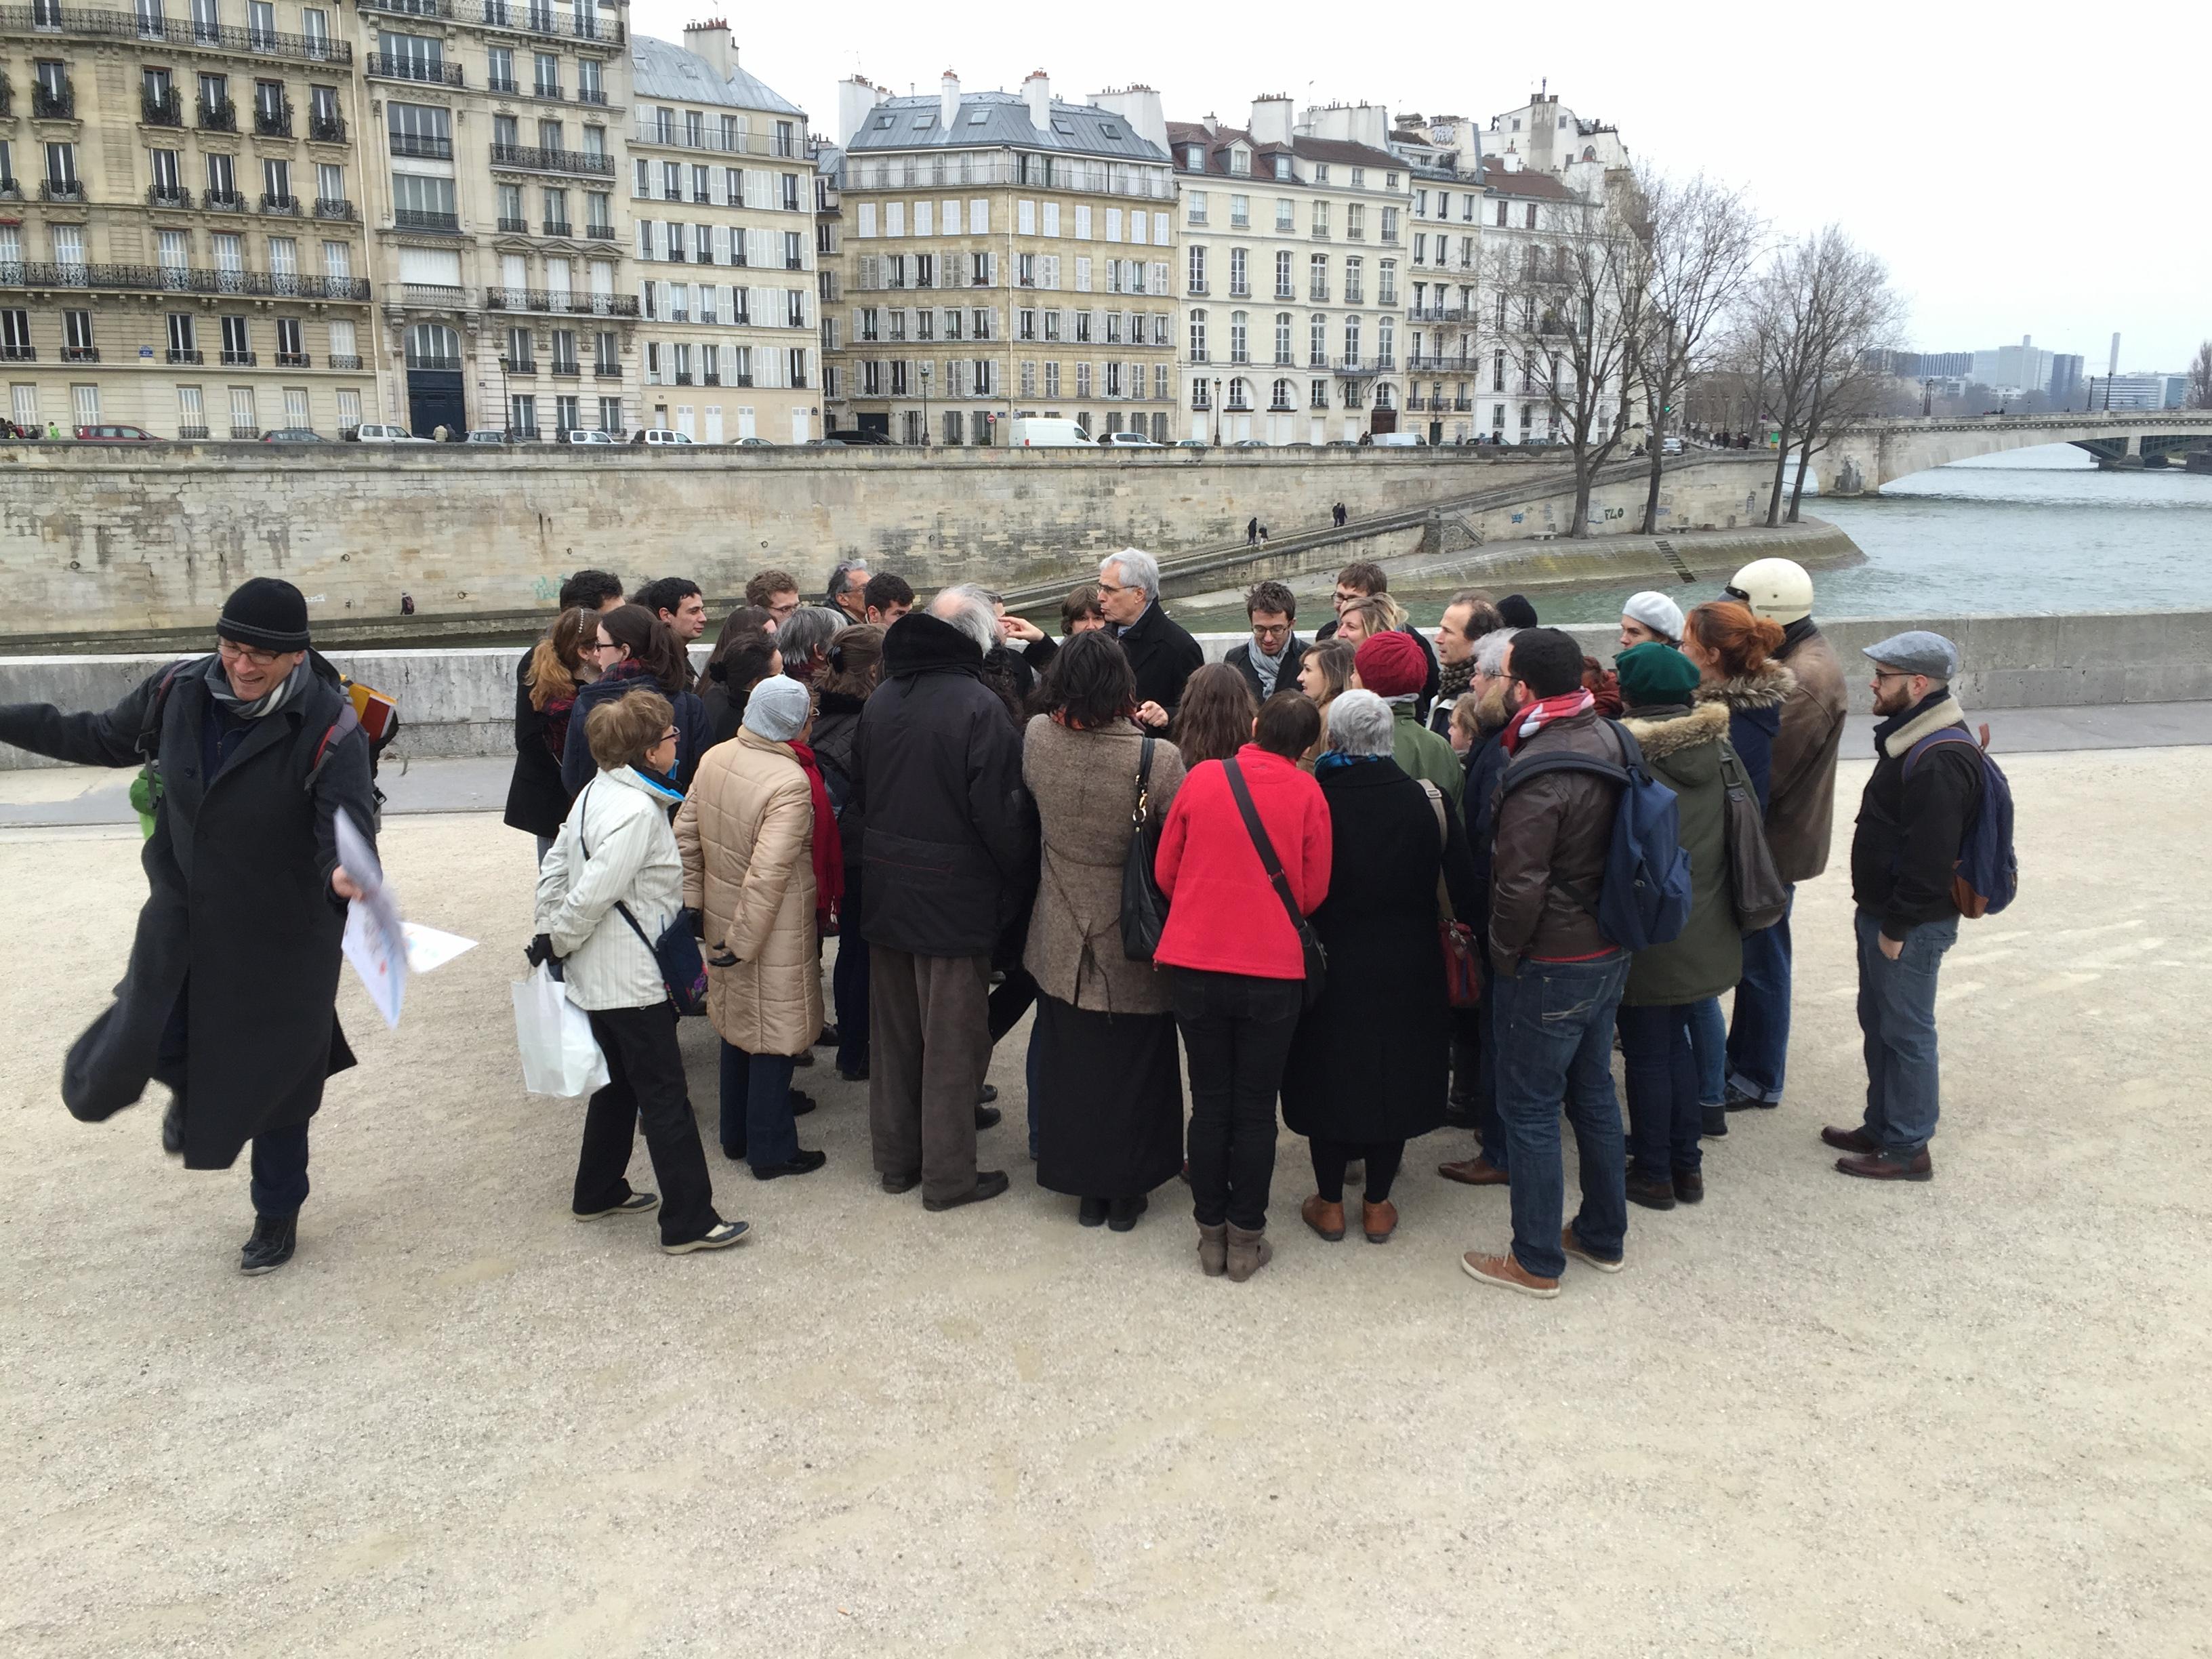 Durant la balade de Darwin Smith autour du thème du théâtre à Paris au Moyen Âge, un passant, passionné par l'intervention, tente dune reconstitution du carnaval médiéval.